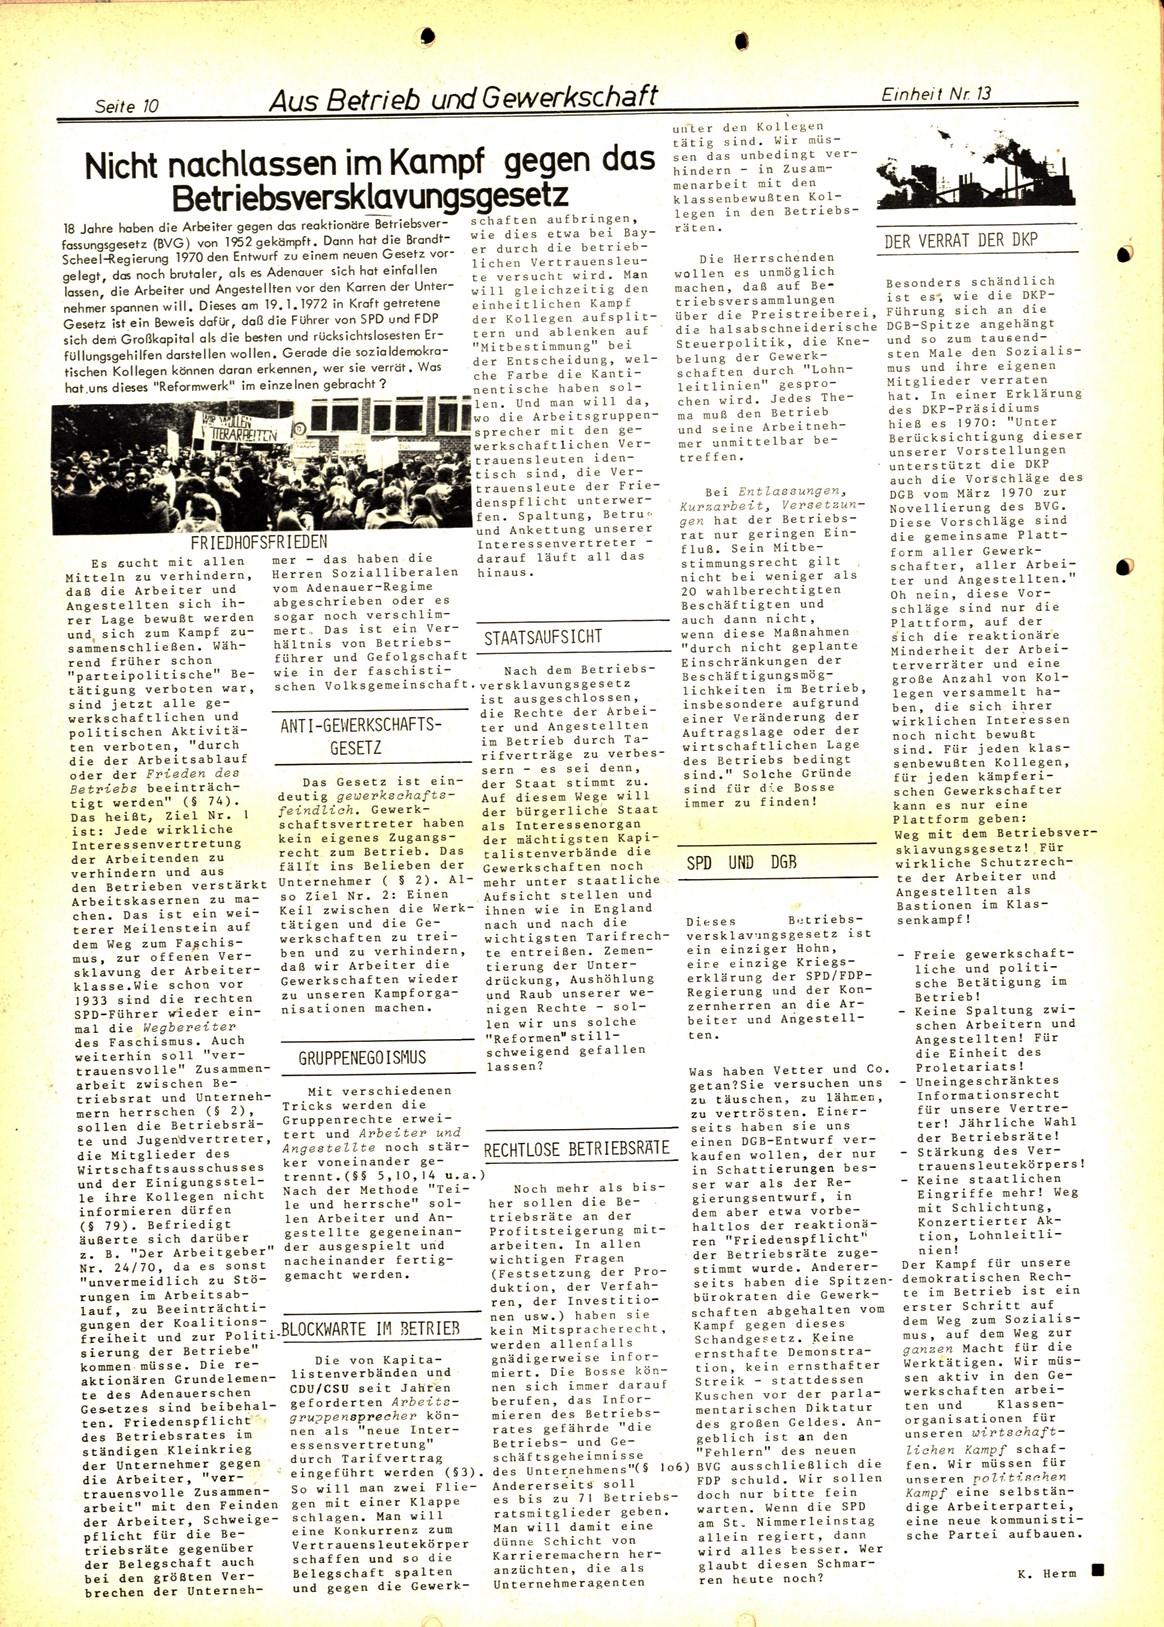 Koeln_IPdA_Einheit_1977_013_010